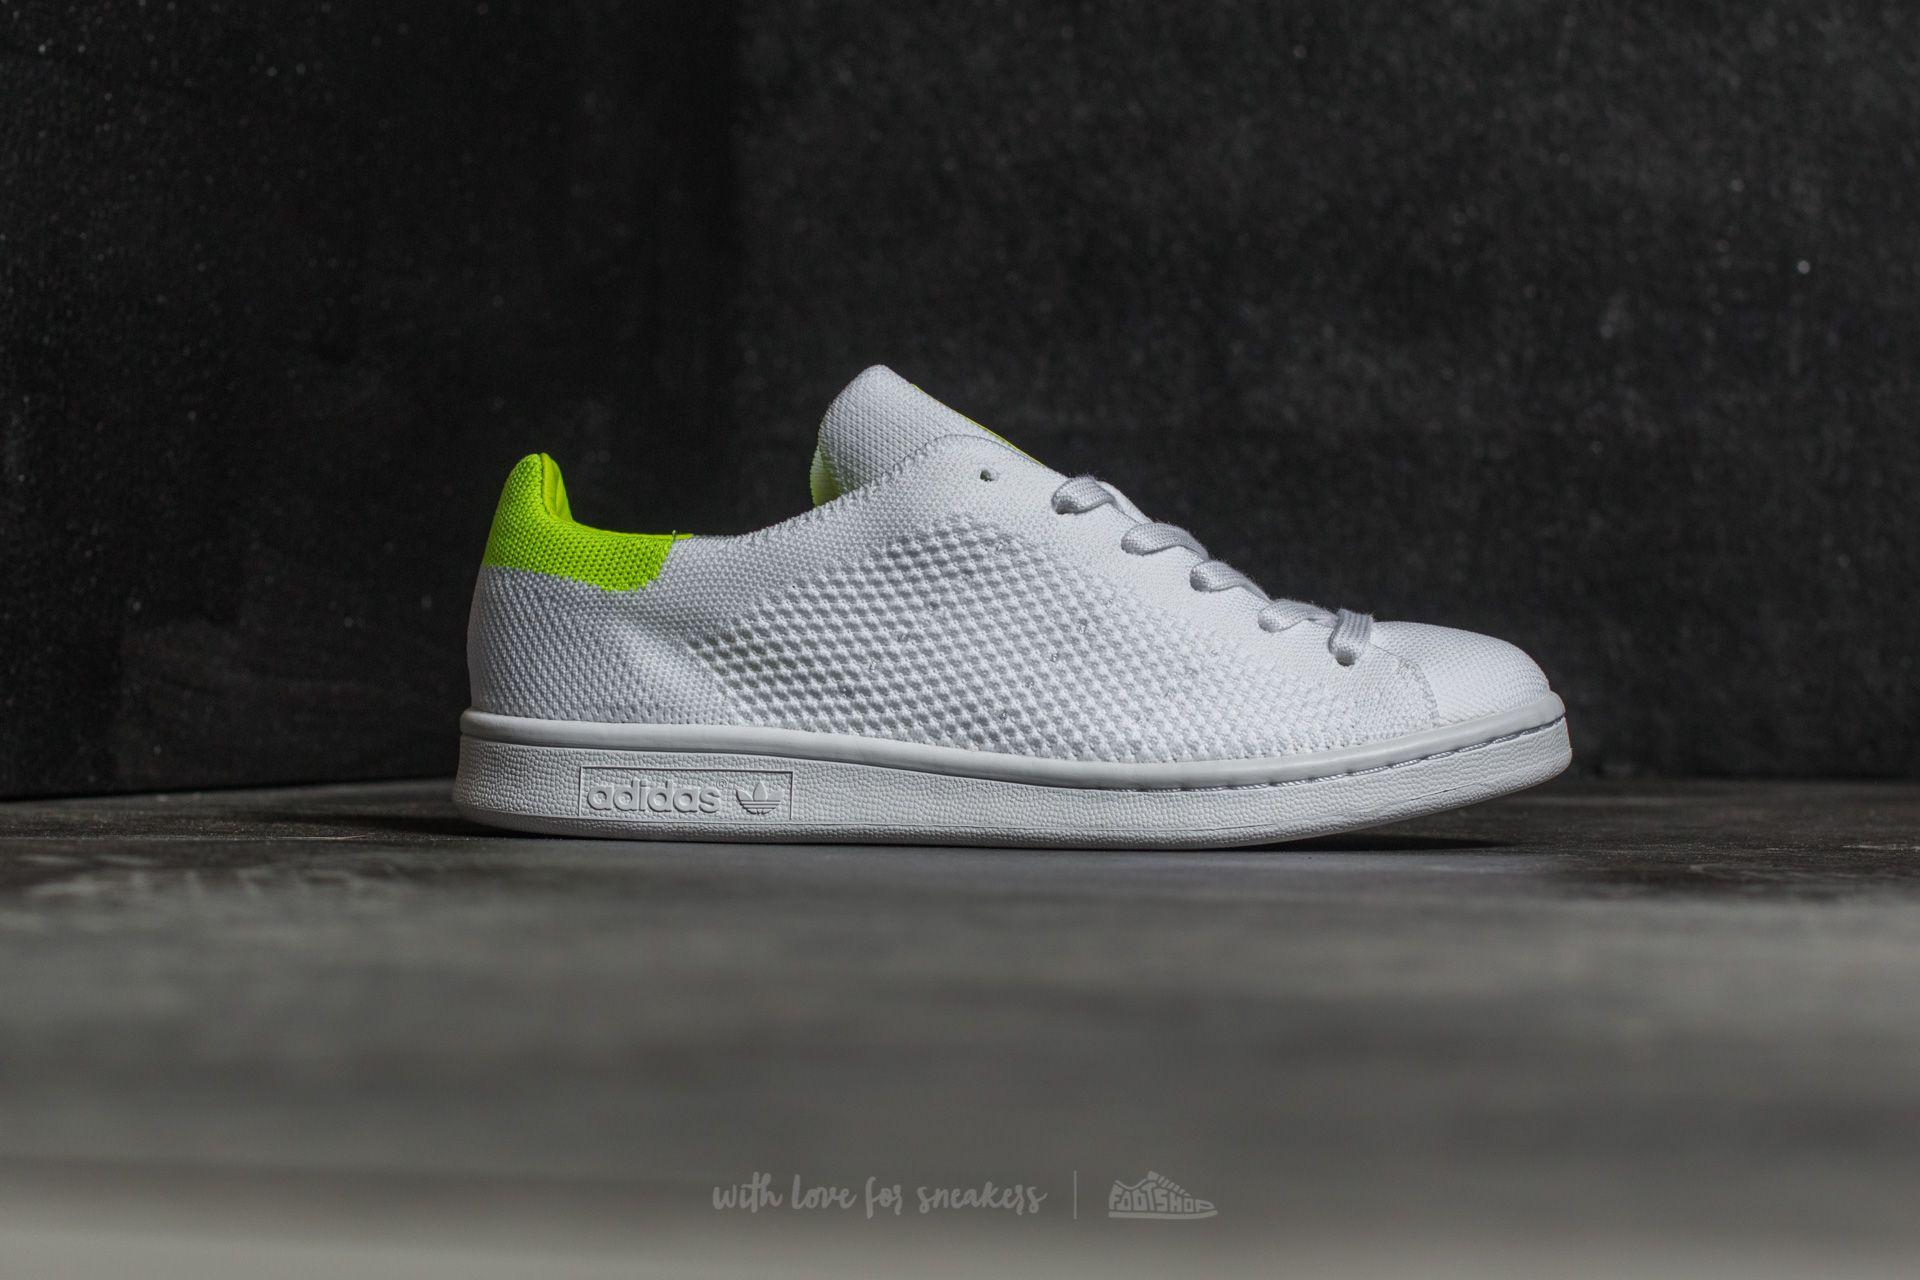 adidas W Stan Smith Primeknit Ftw White Ftw White Solar